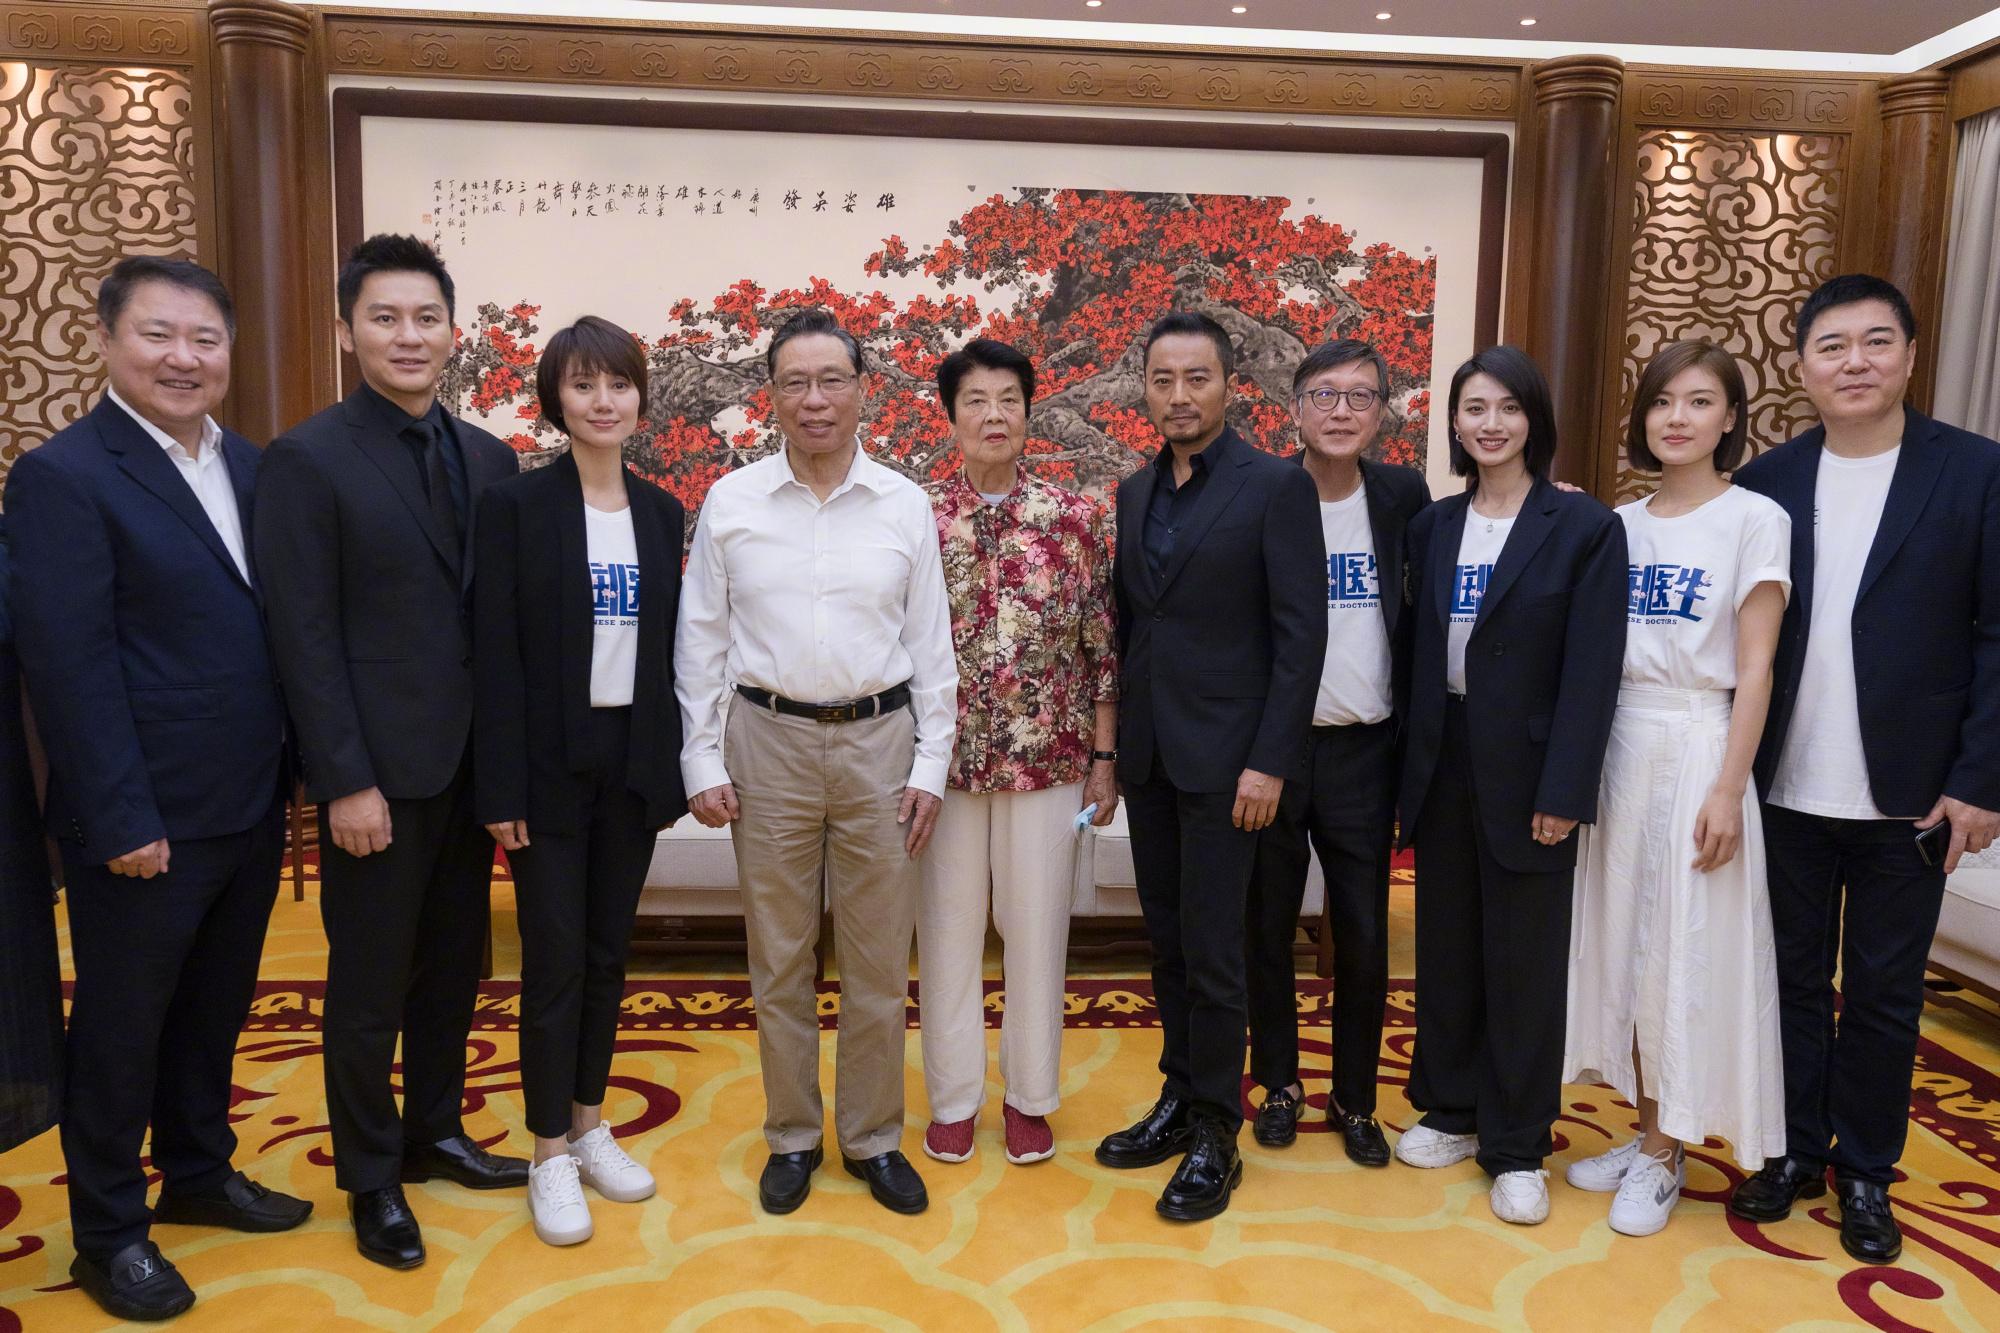 钟南山现身《中国医生》首映礼 与主创合影比赞